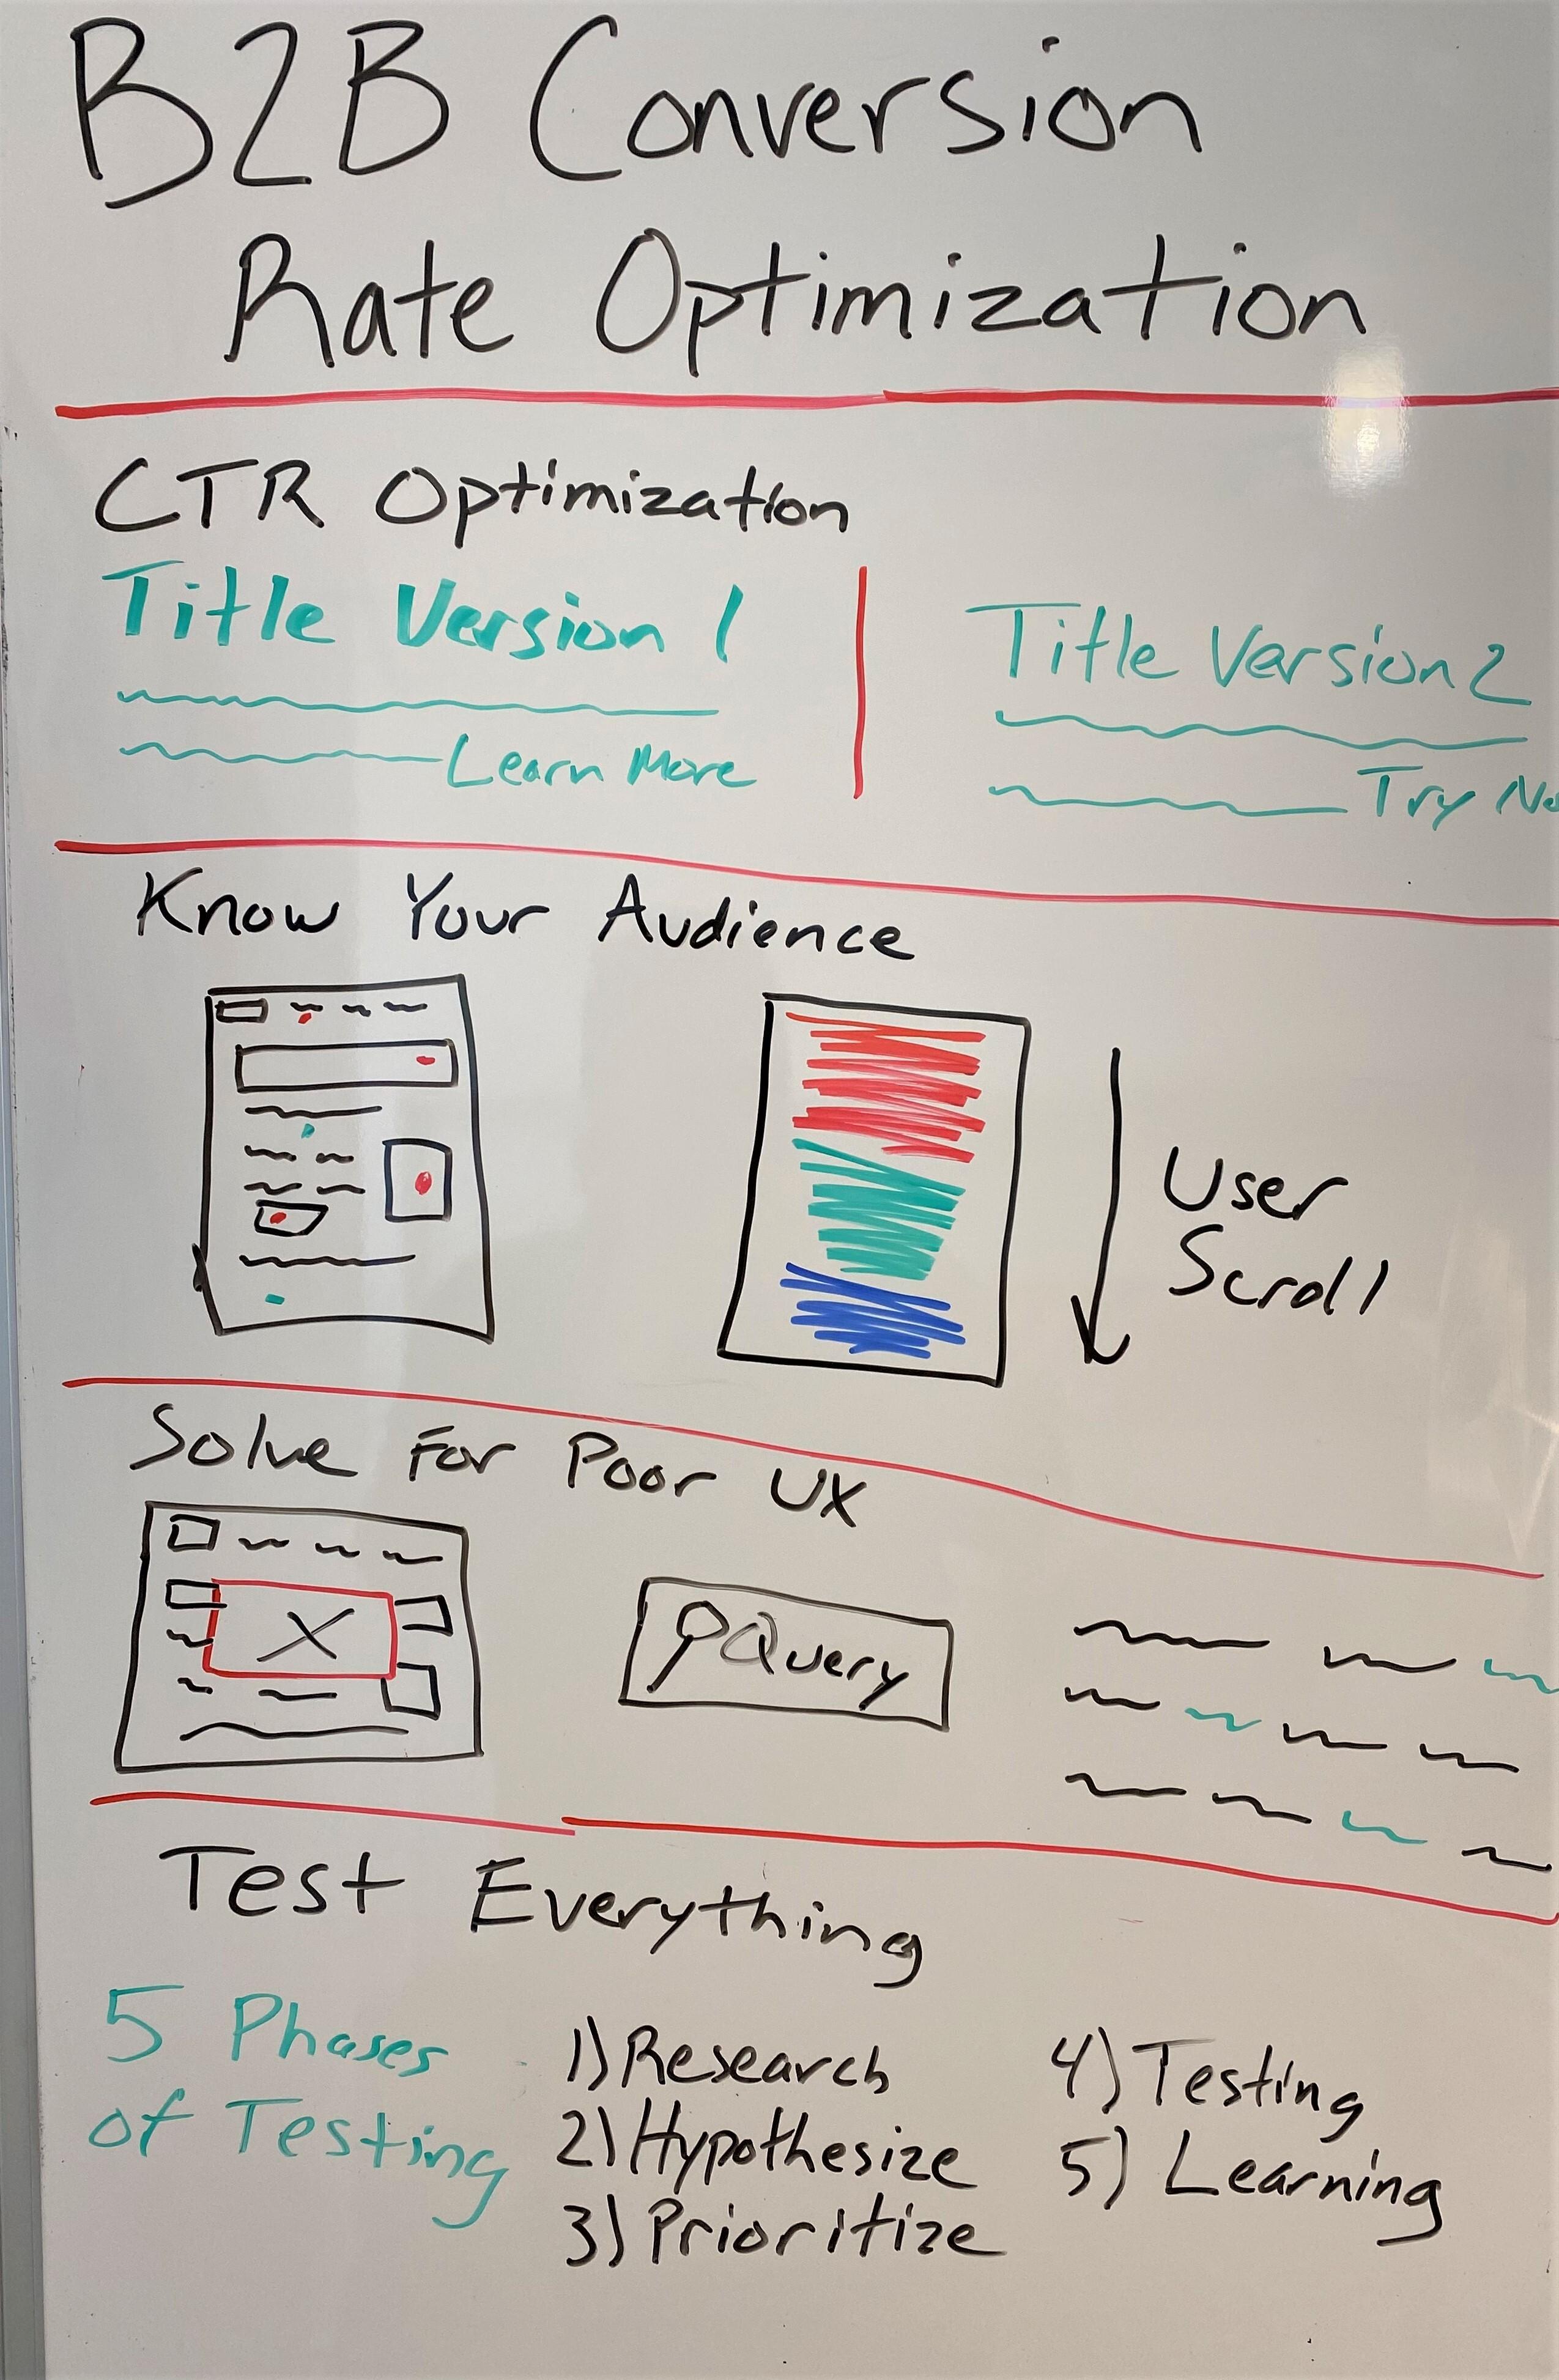 عکس بهینه سازی نرخ تبدیل برای B2B